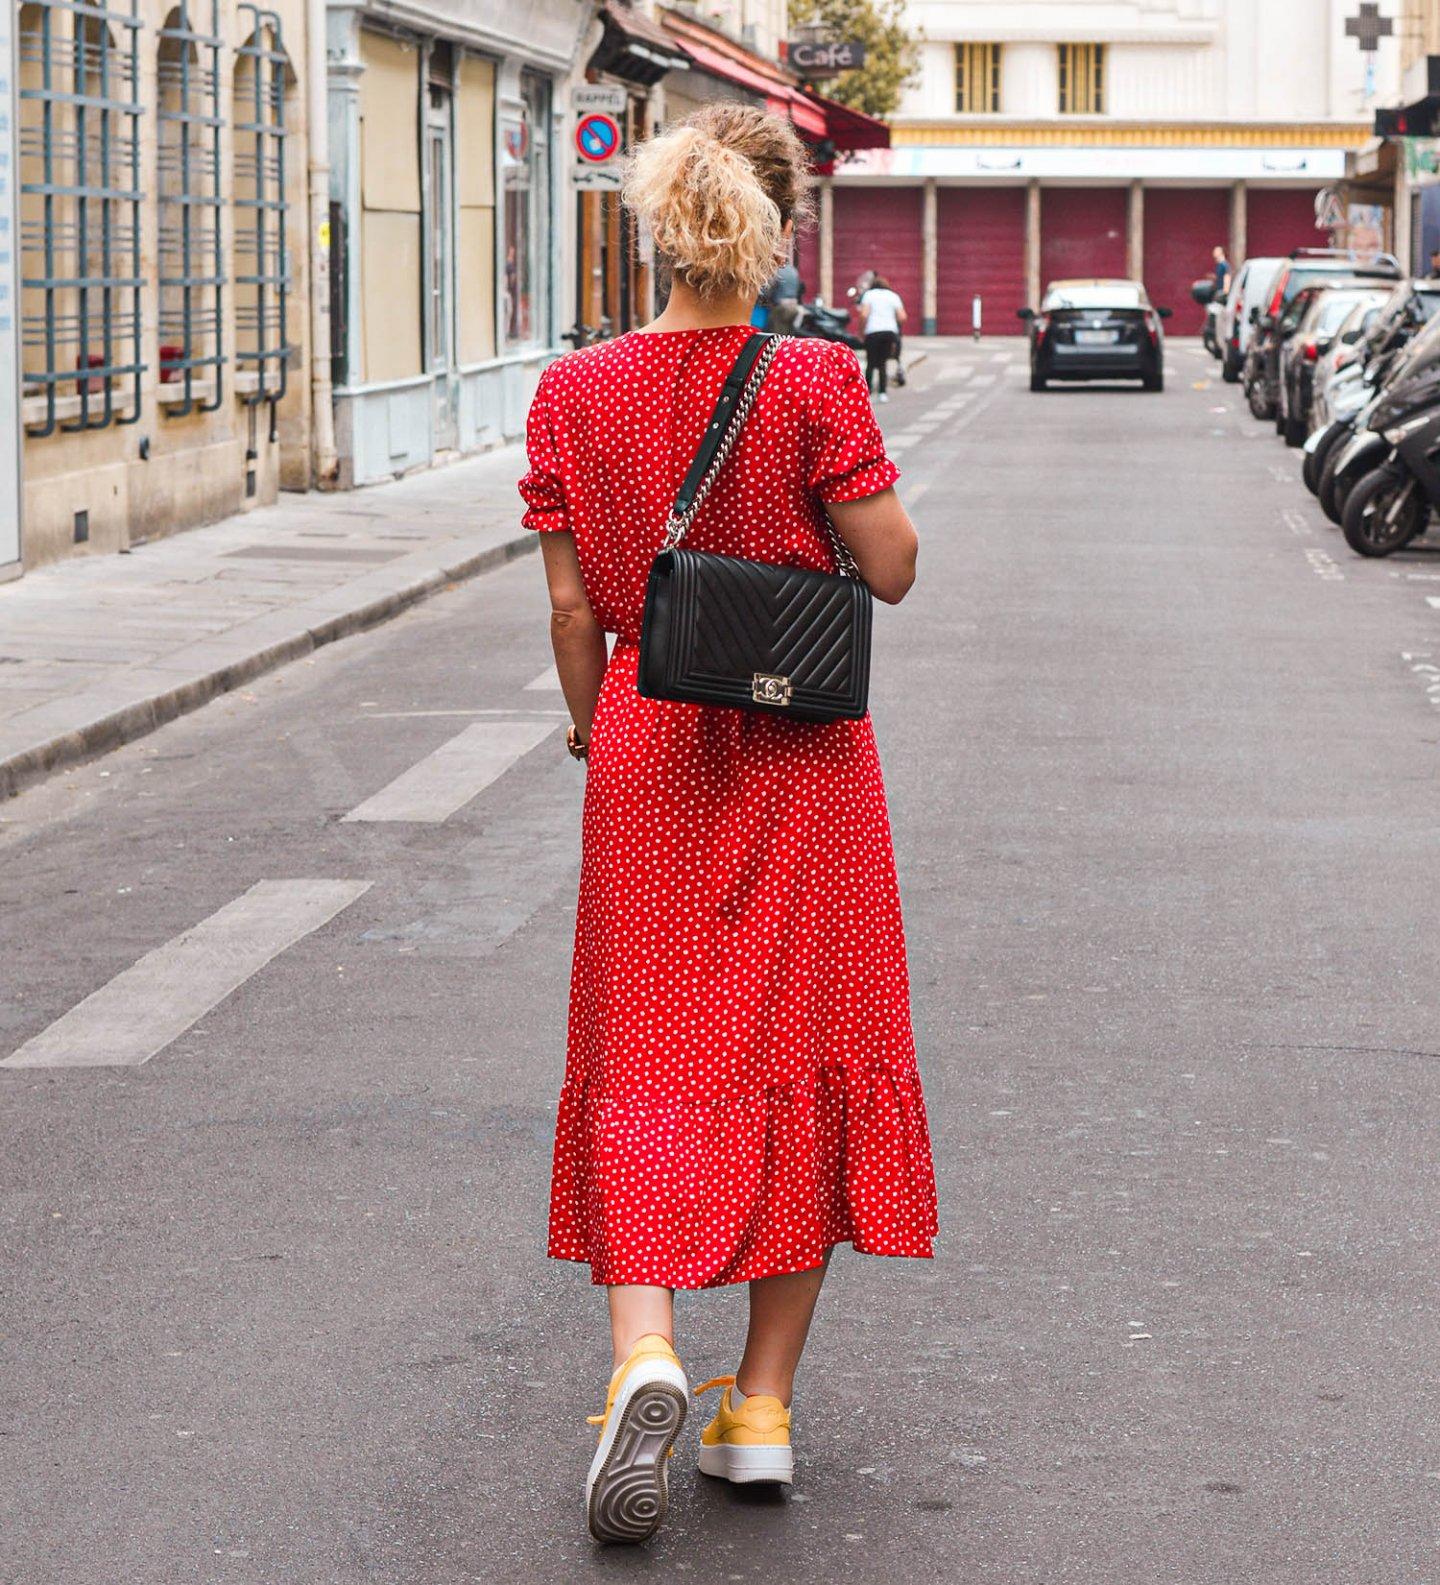 spazieren in Paris im Sommeroutfit